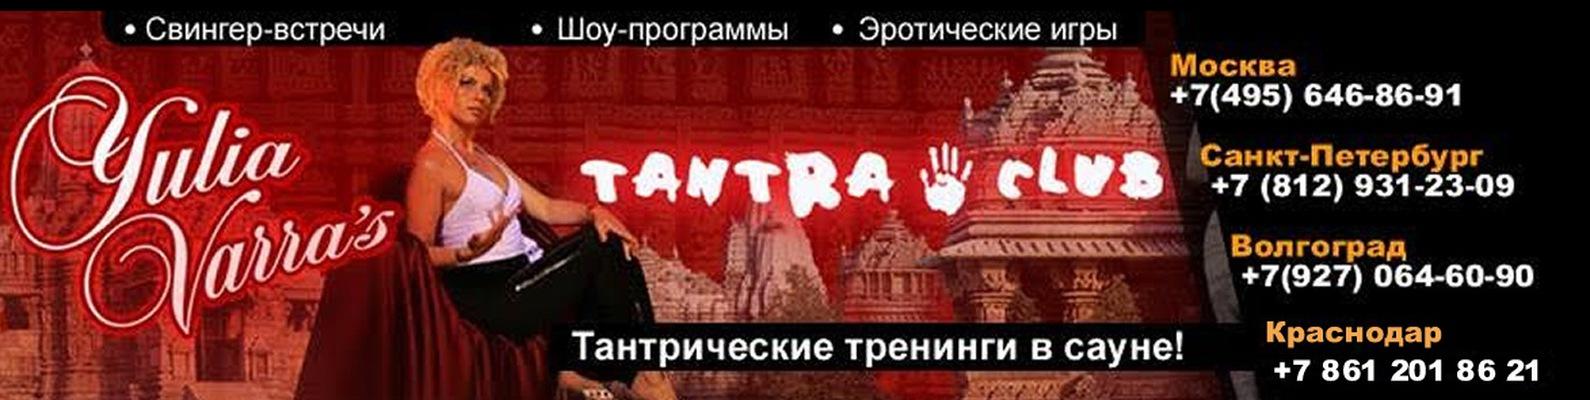 Секс вечеринки Свинг БДСМ Знакомства Москва  VK